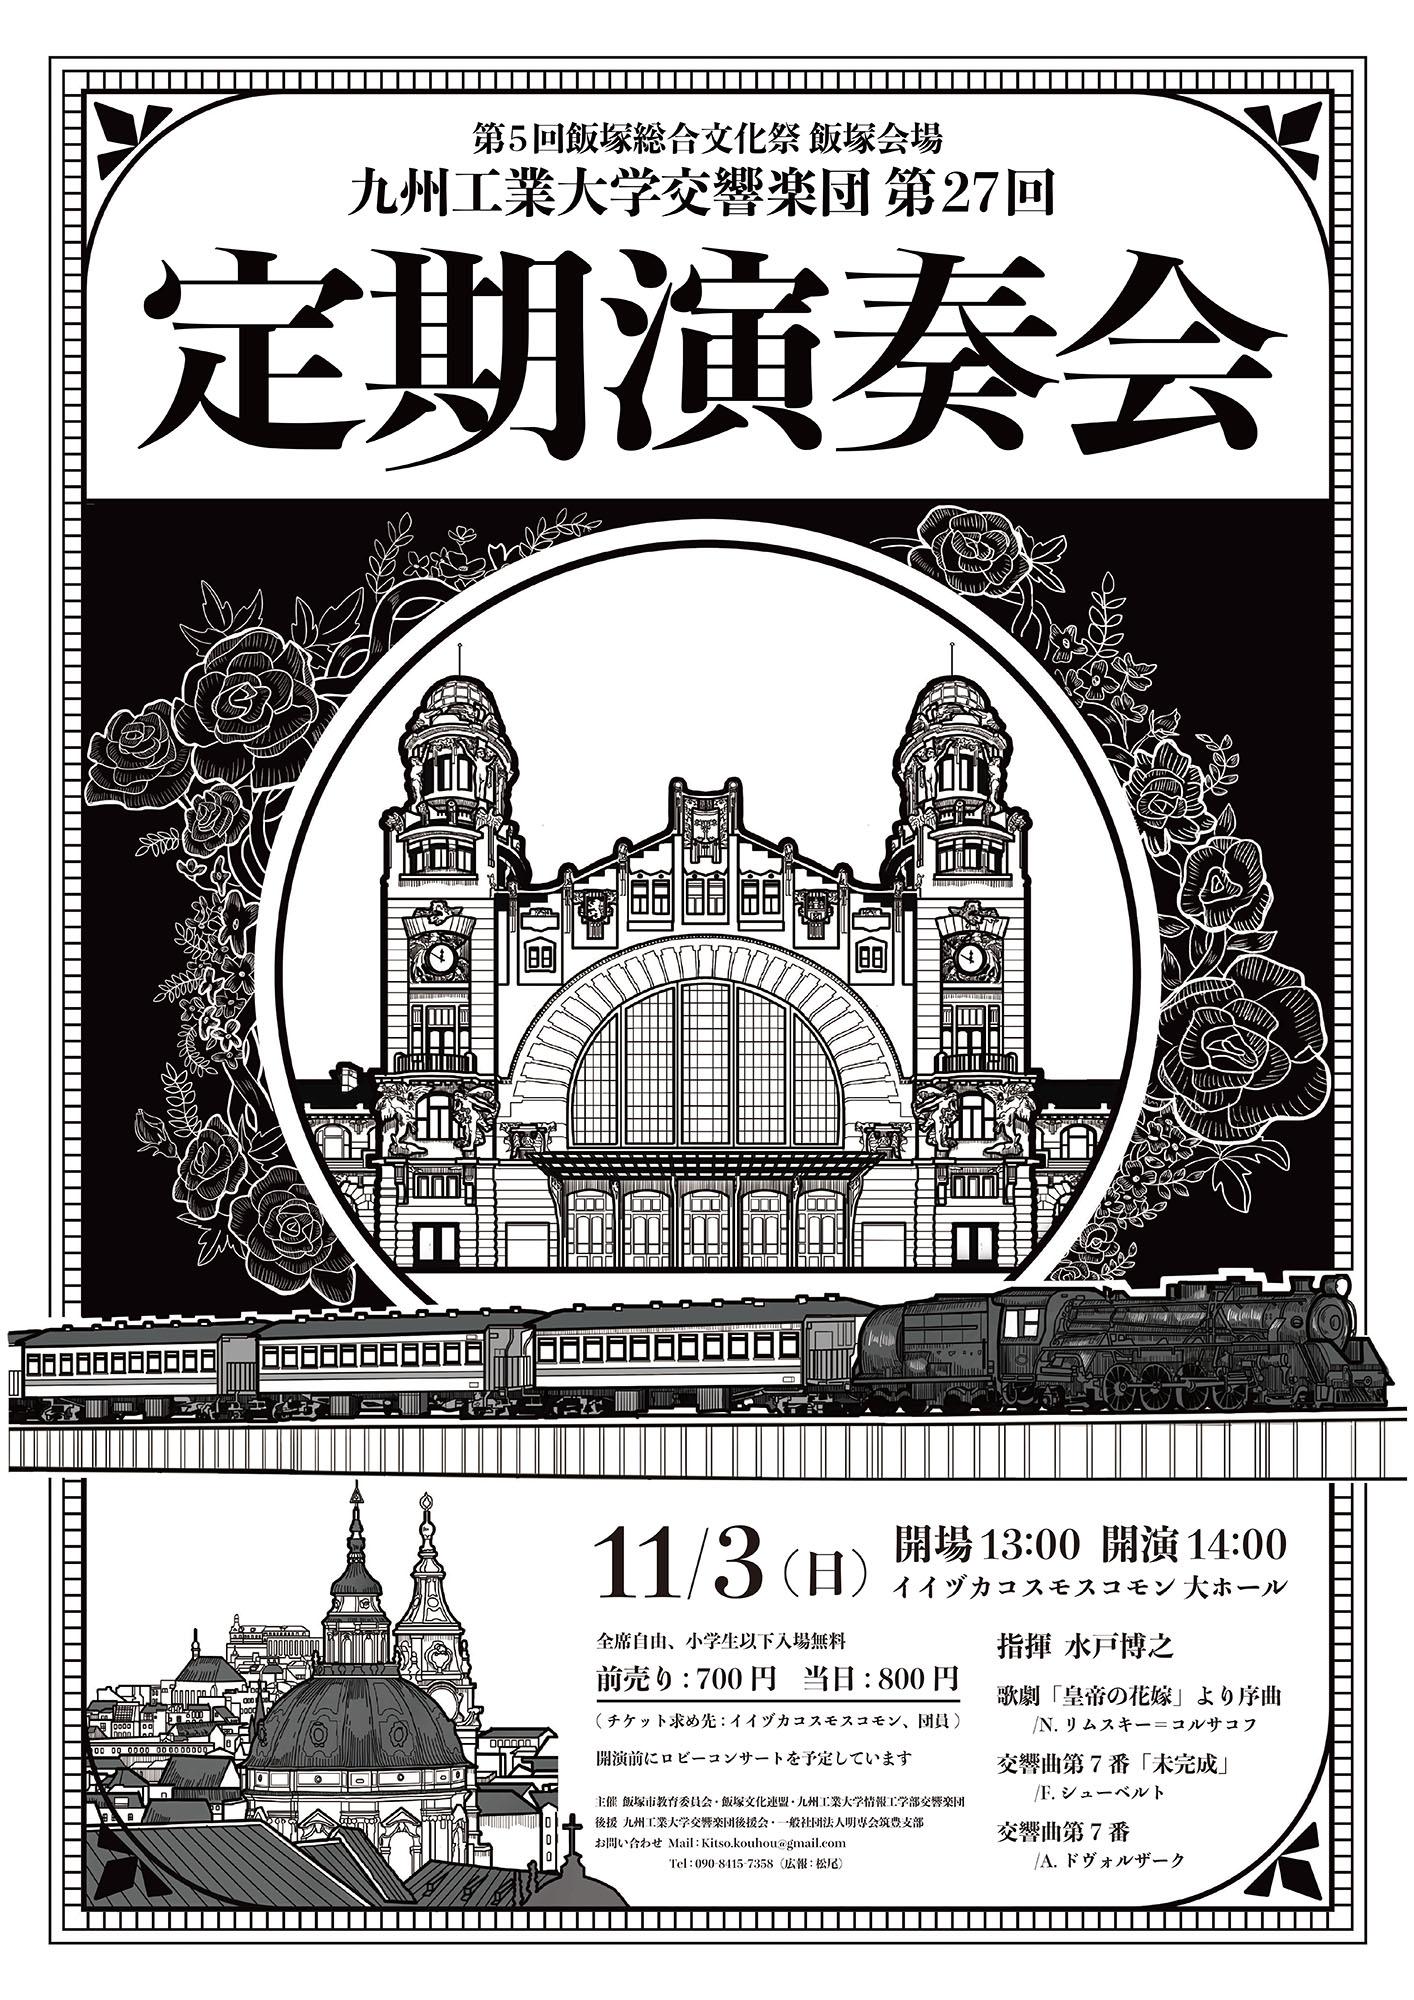 九州工業大学交響楽団 第27回 定期演奏会